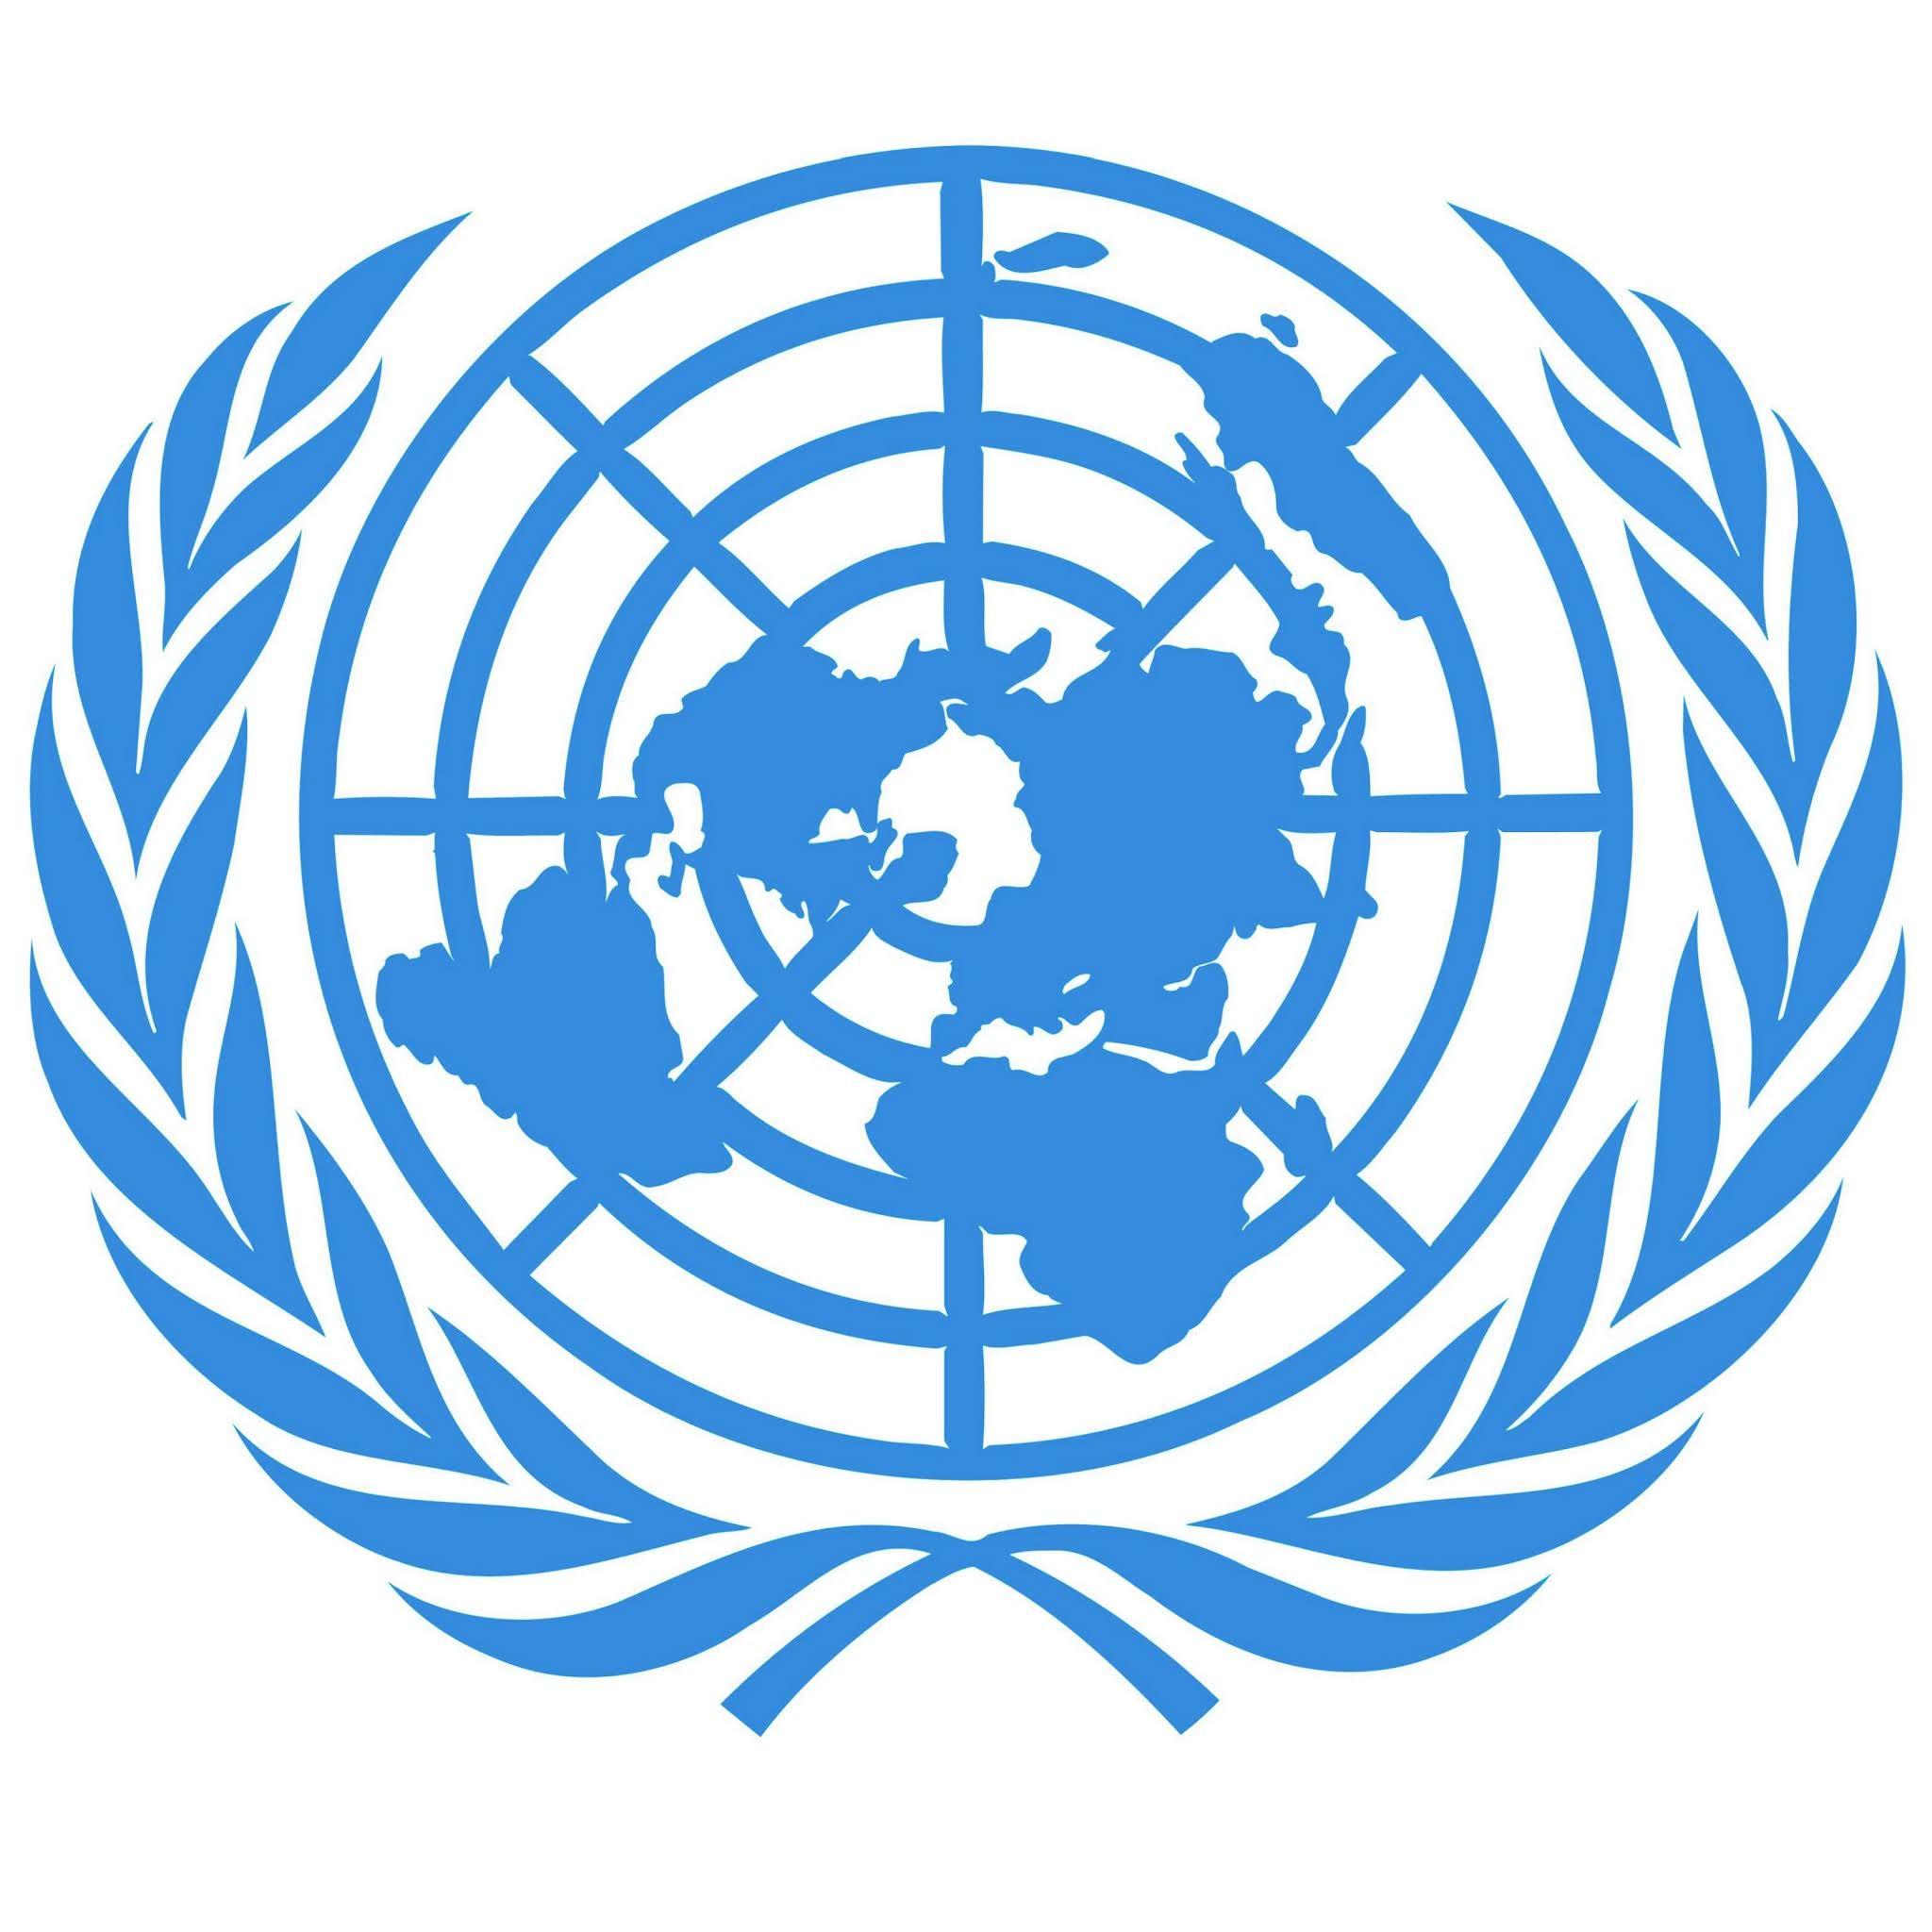 Cours en ligne gratuits Certifié par les  Nations Unies 2021